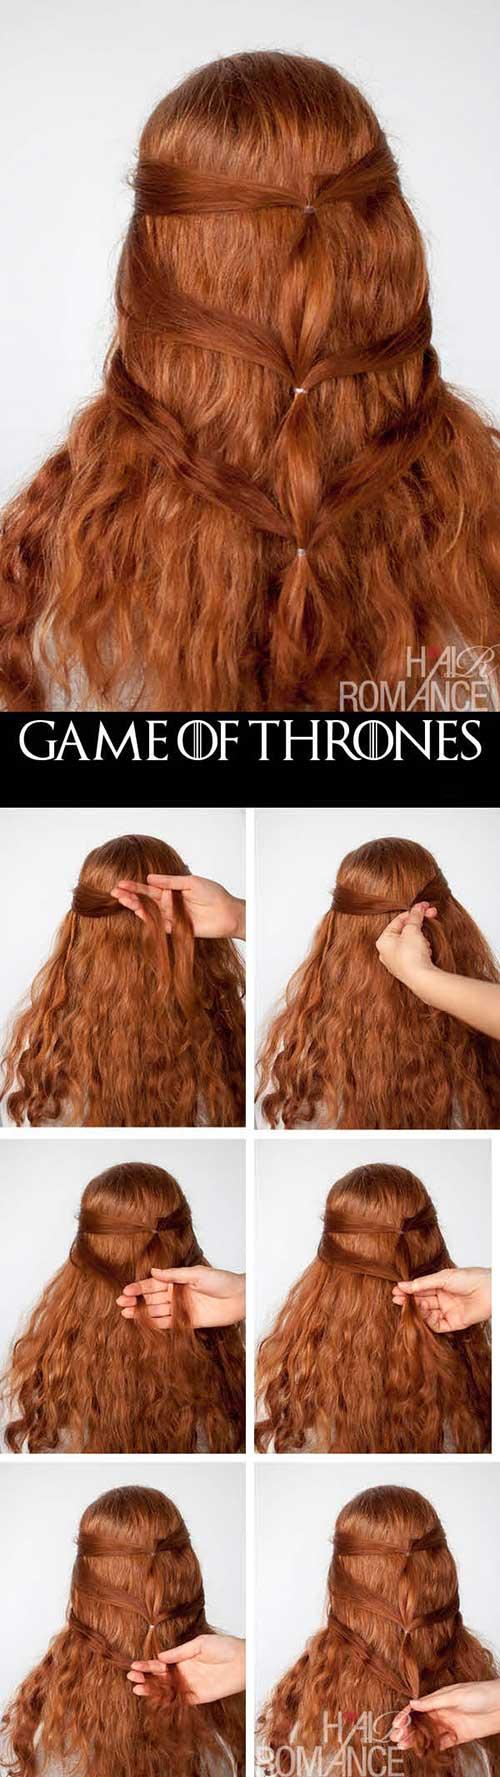 foto de como fazer cabelo da sansa